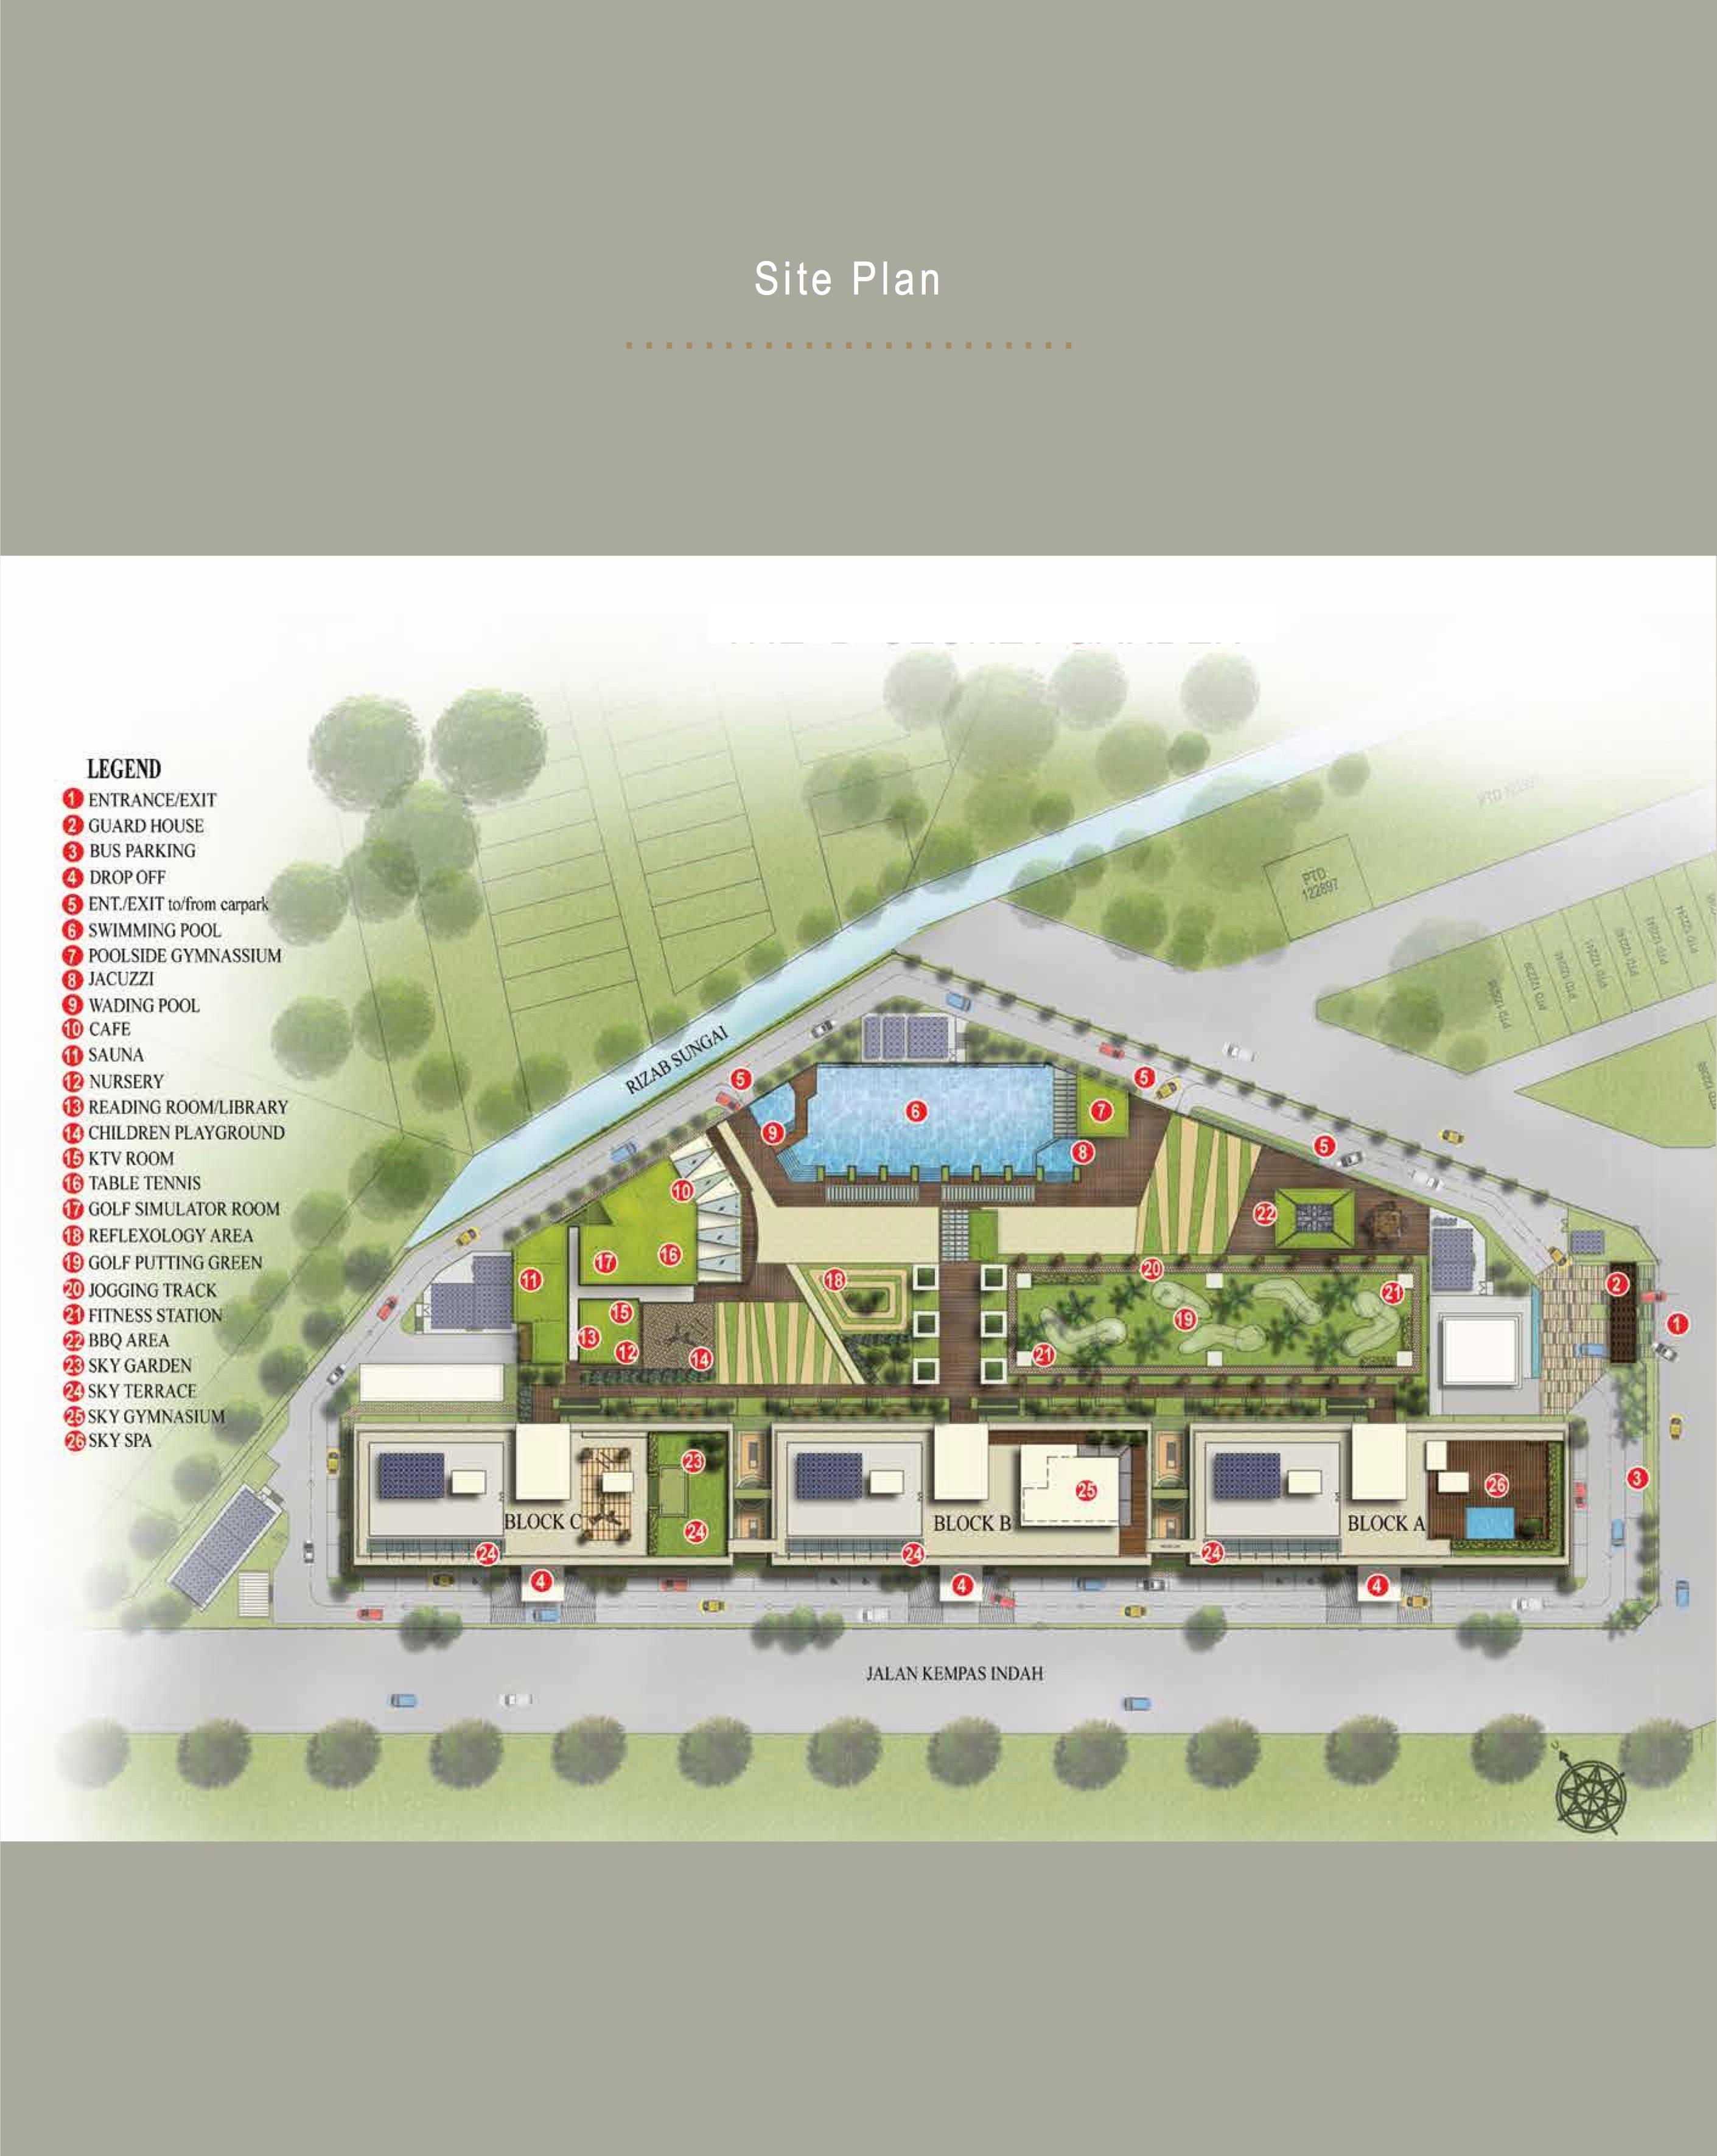 Site Plan of D'Secret Garden